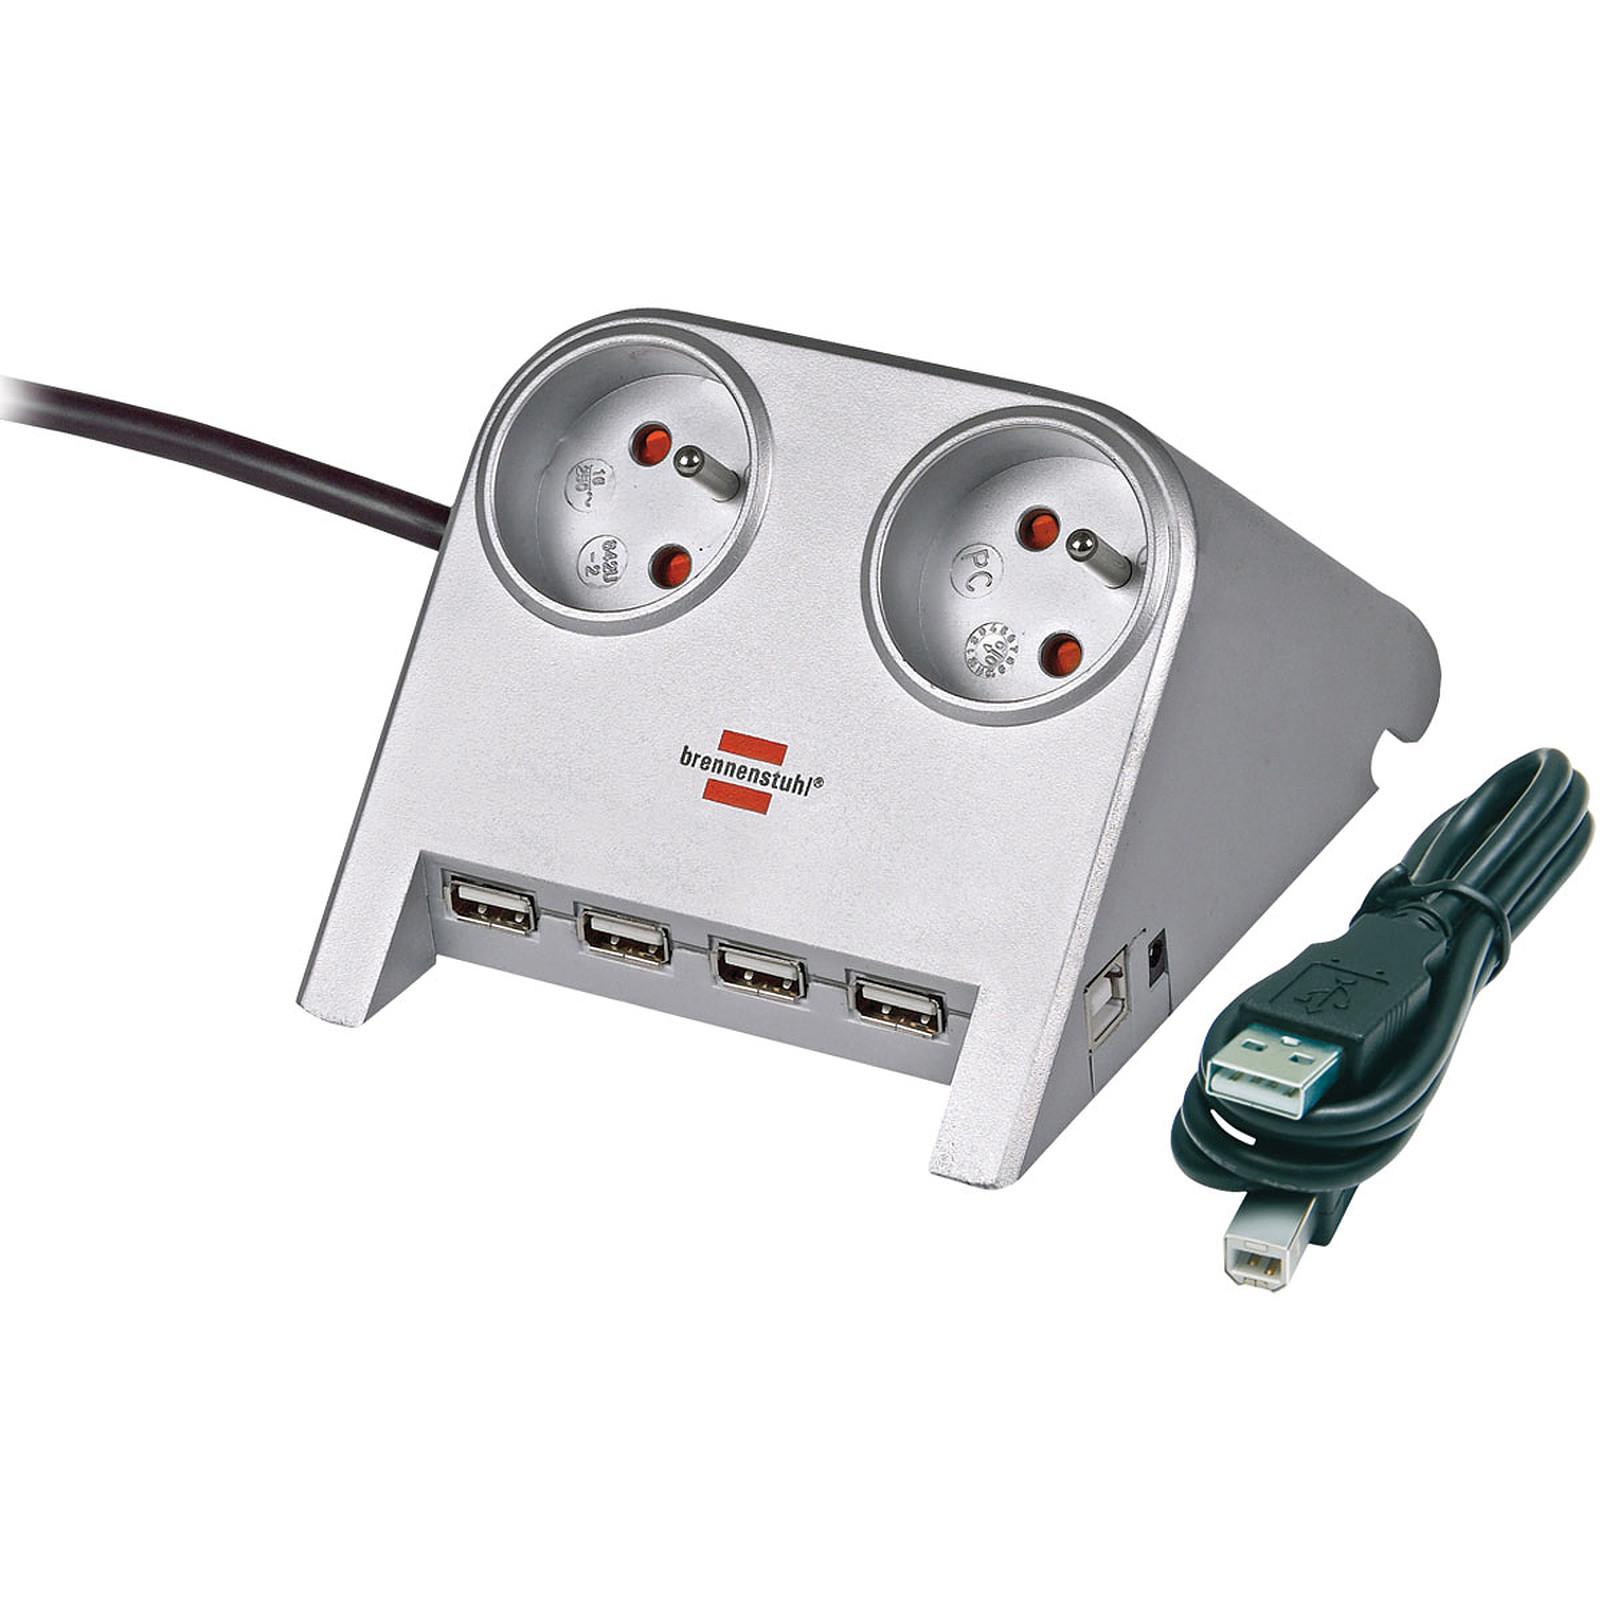 Brennenstuhl Desktop-Power (2 tomas) + USB-Hub 2.0